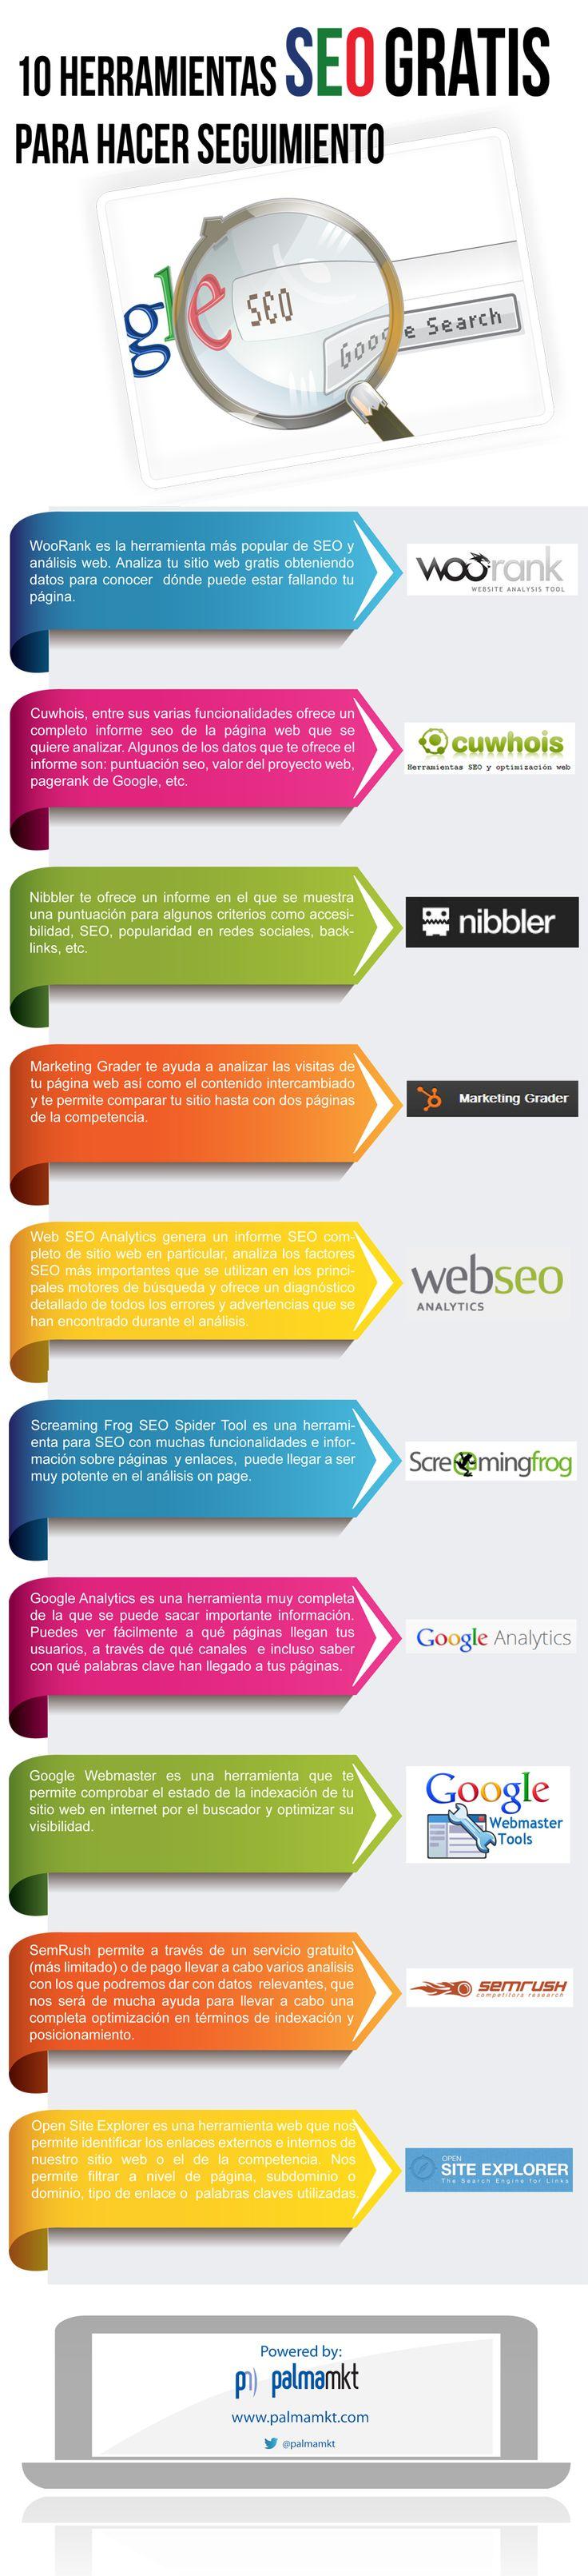 10 herramientas gratis para SEO. Infografía